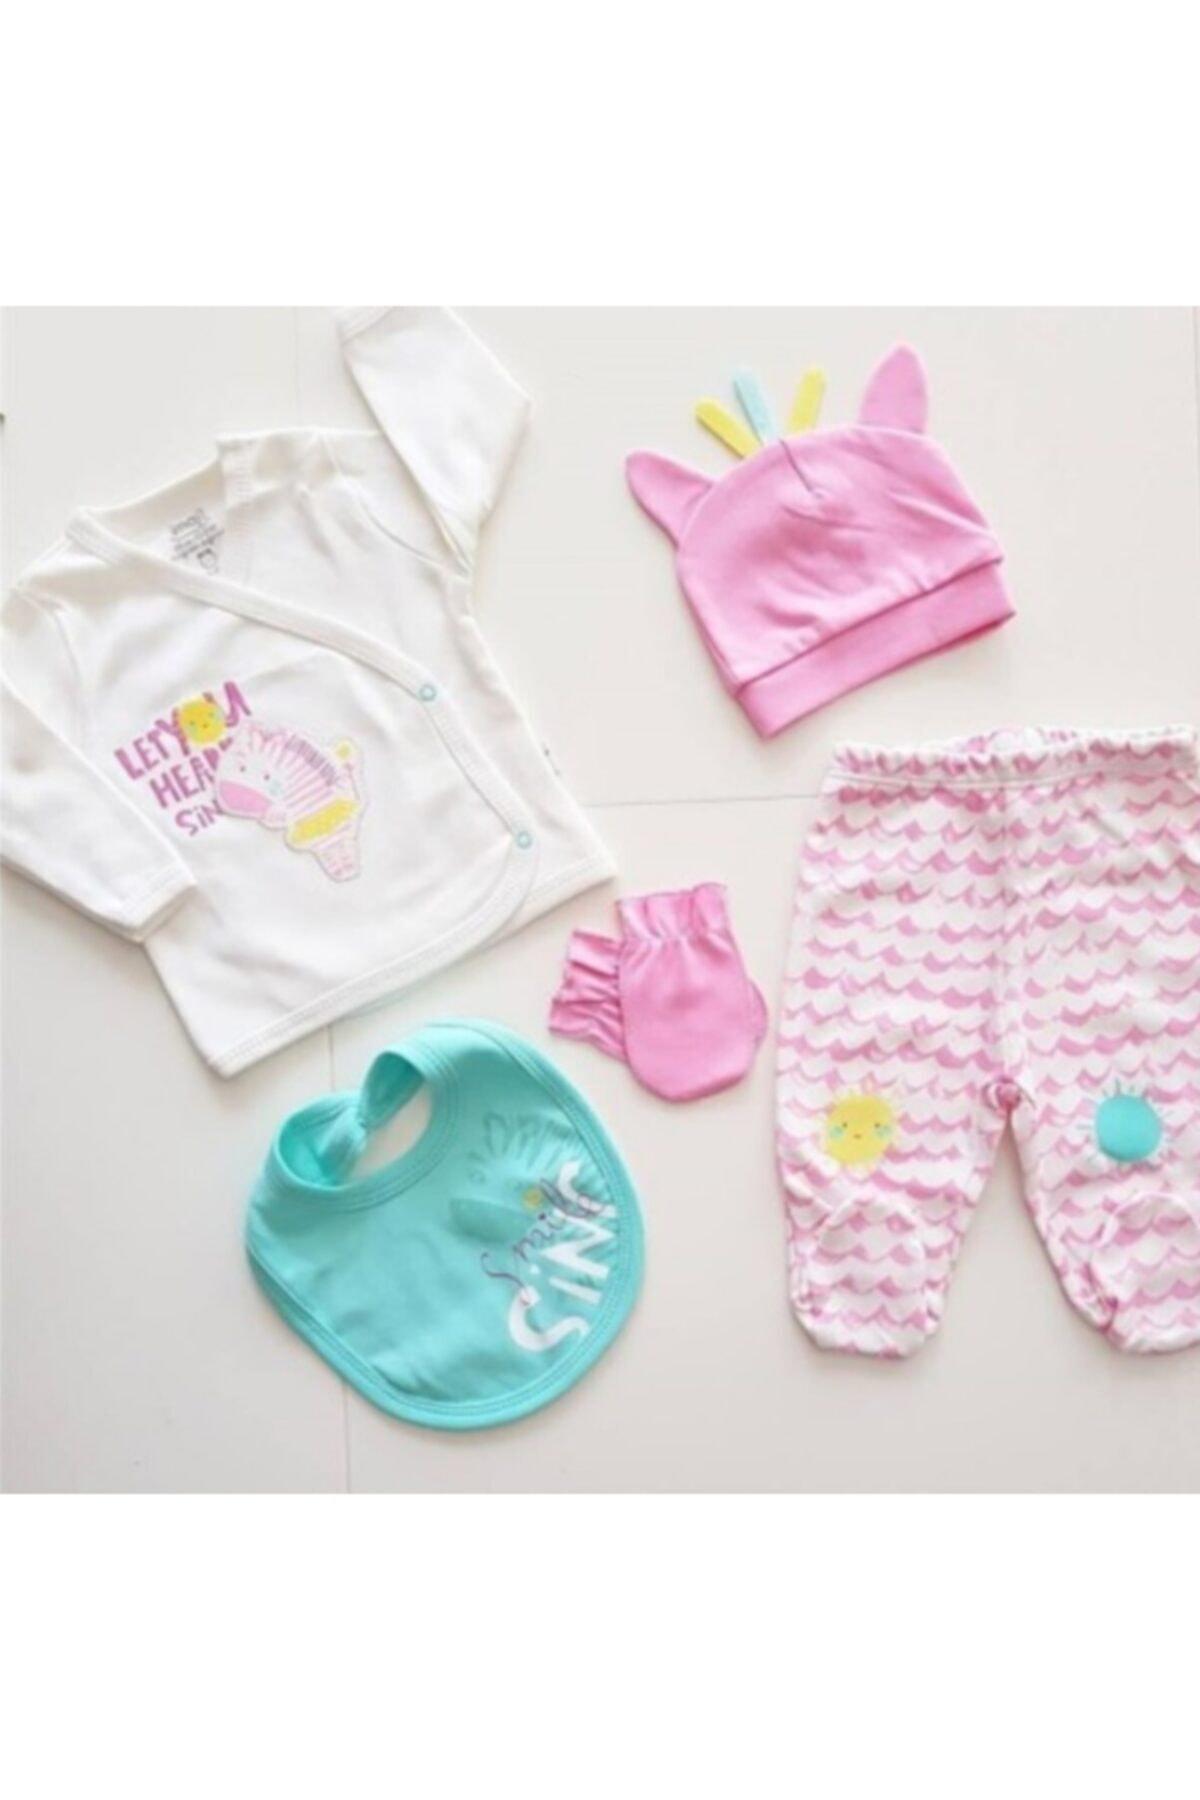 İmaj Yeni Kolleksiyon Kız Bebek 5 Parça 0-3 Ay Hastane Çıkışı Yenidoğan Seti 5067 1